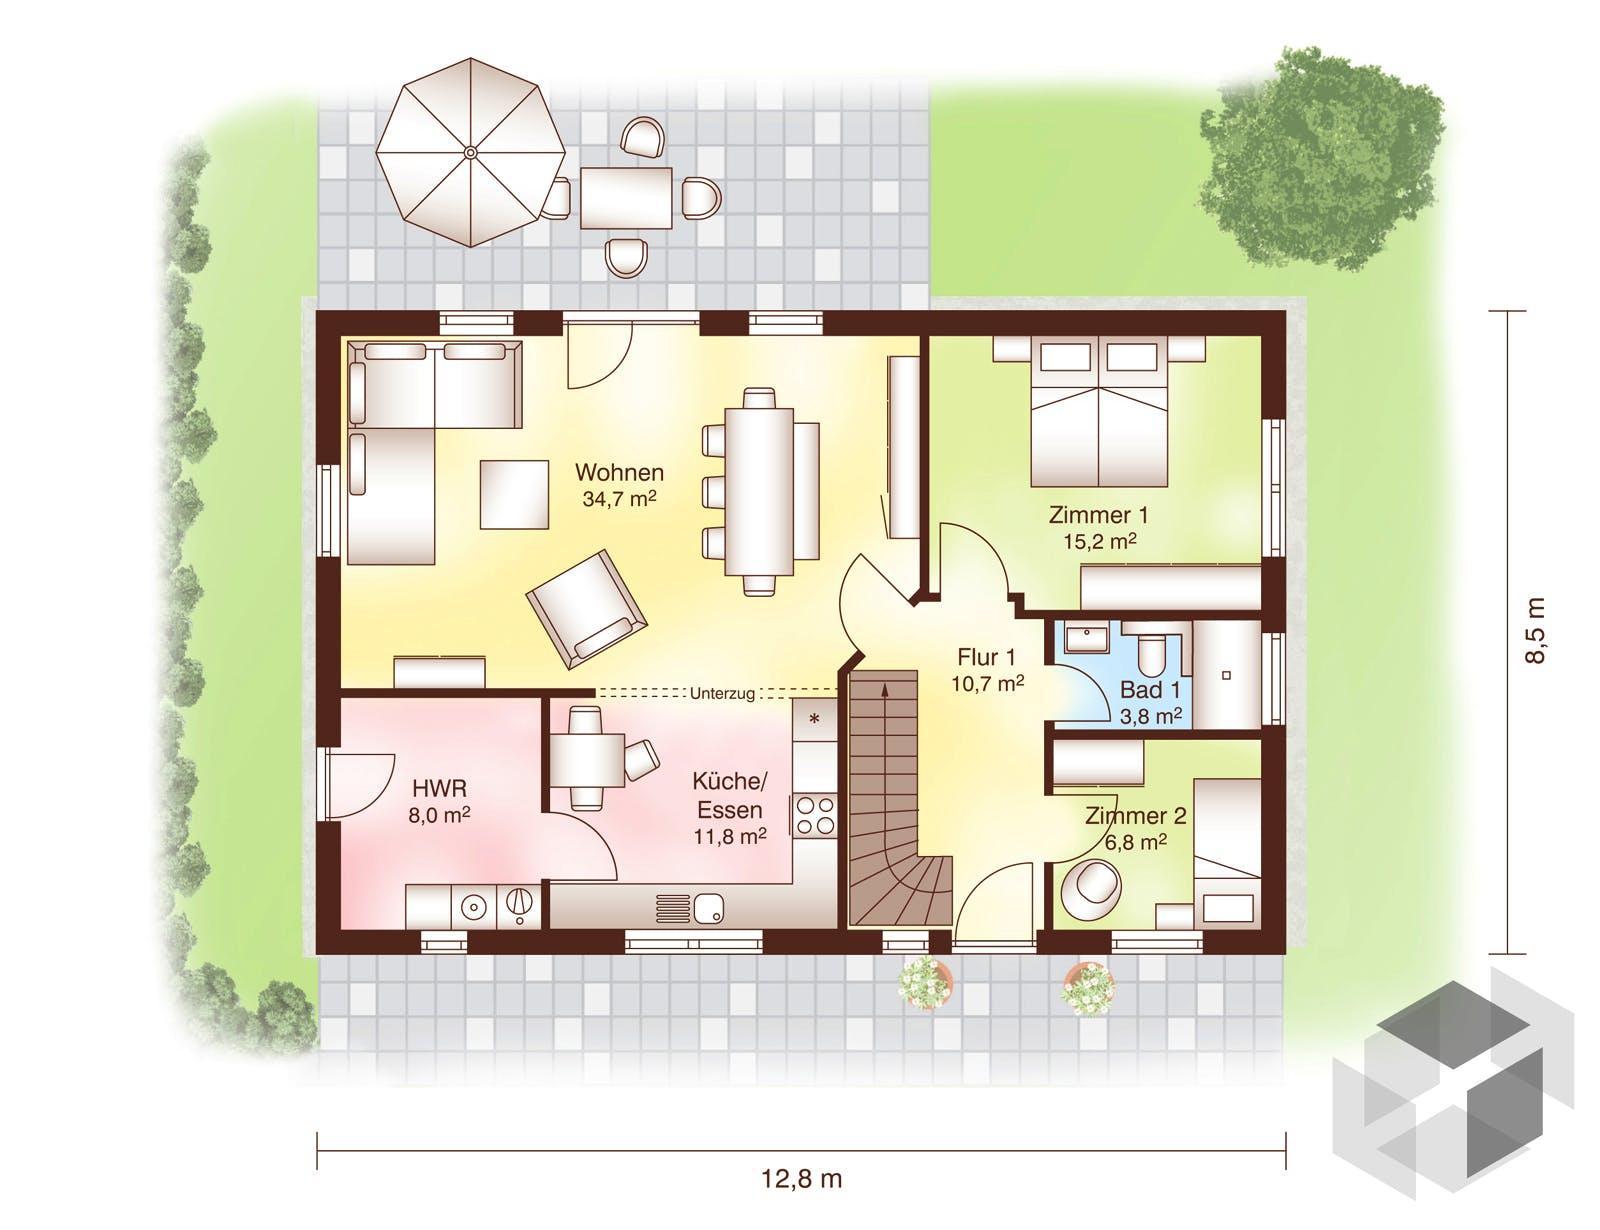 troms von fjorborg komplette daten bersicht. Black Bedroom Furniture Sets. Home Design Ideas